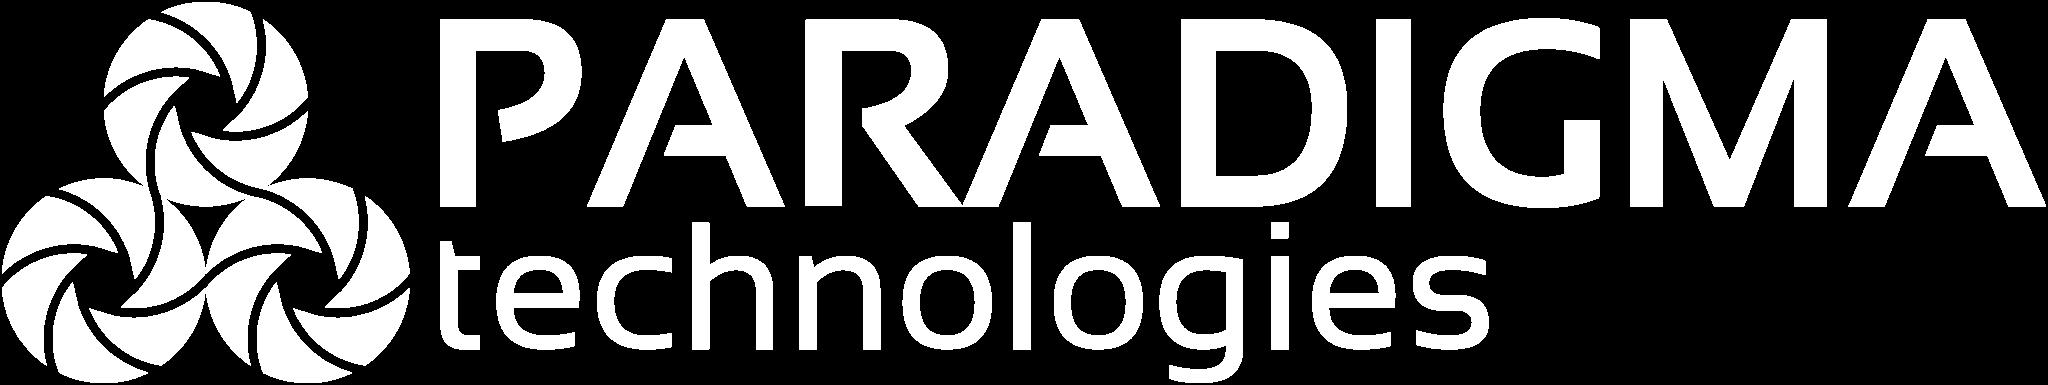 Paradigma Technologies white logo